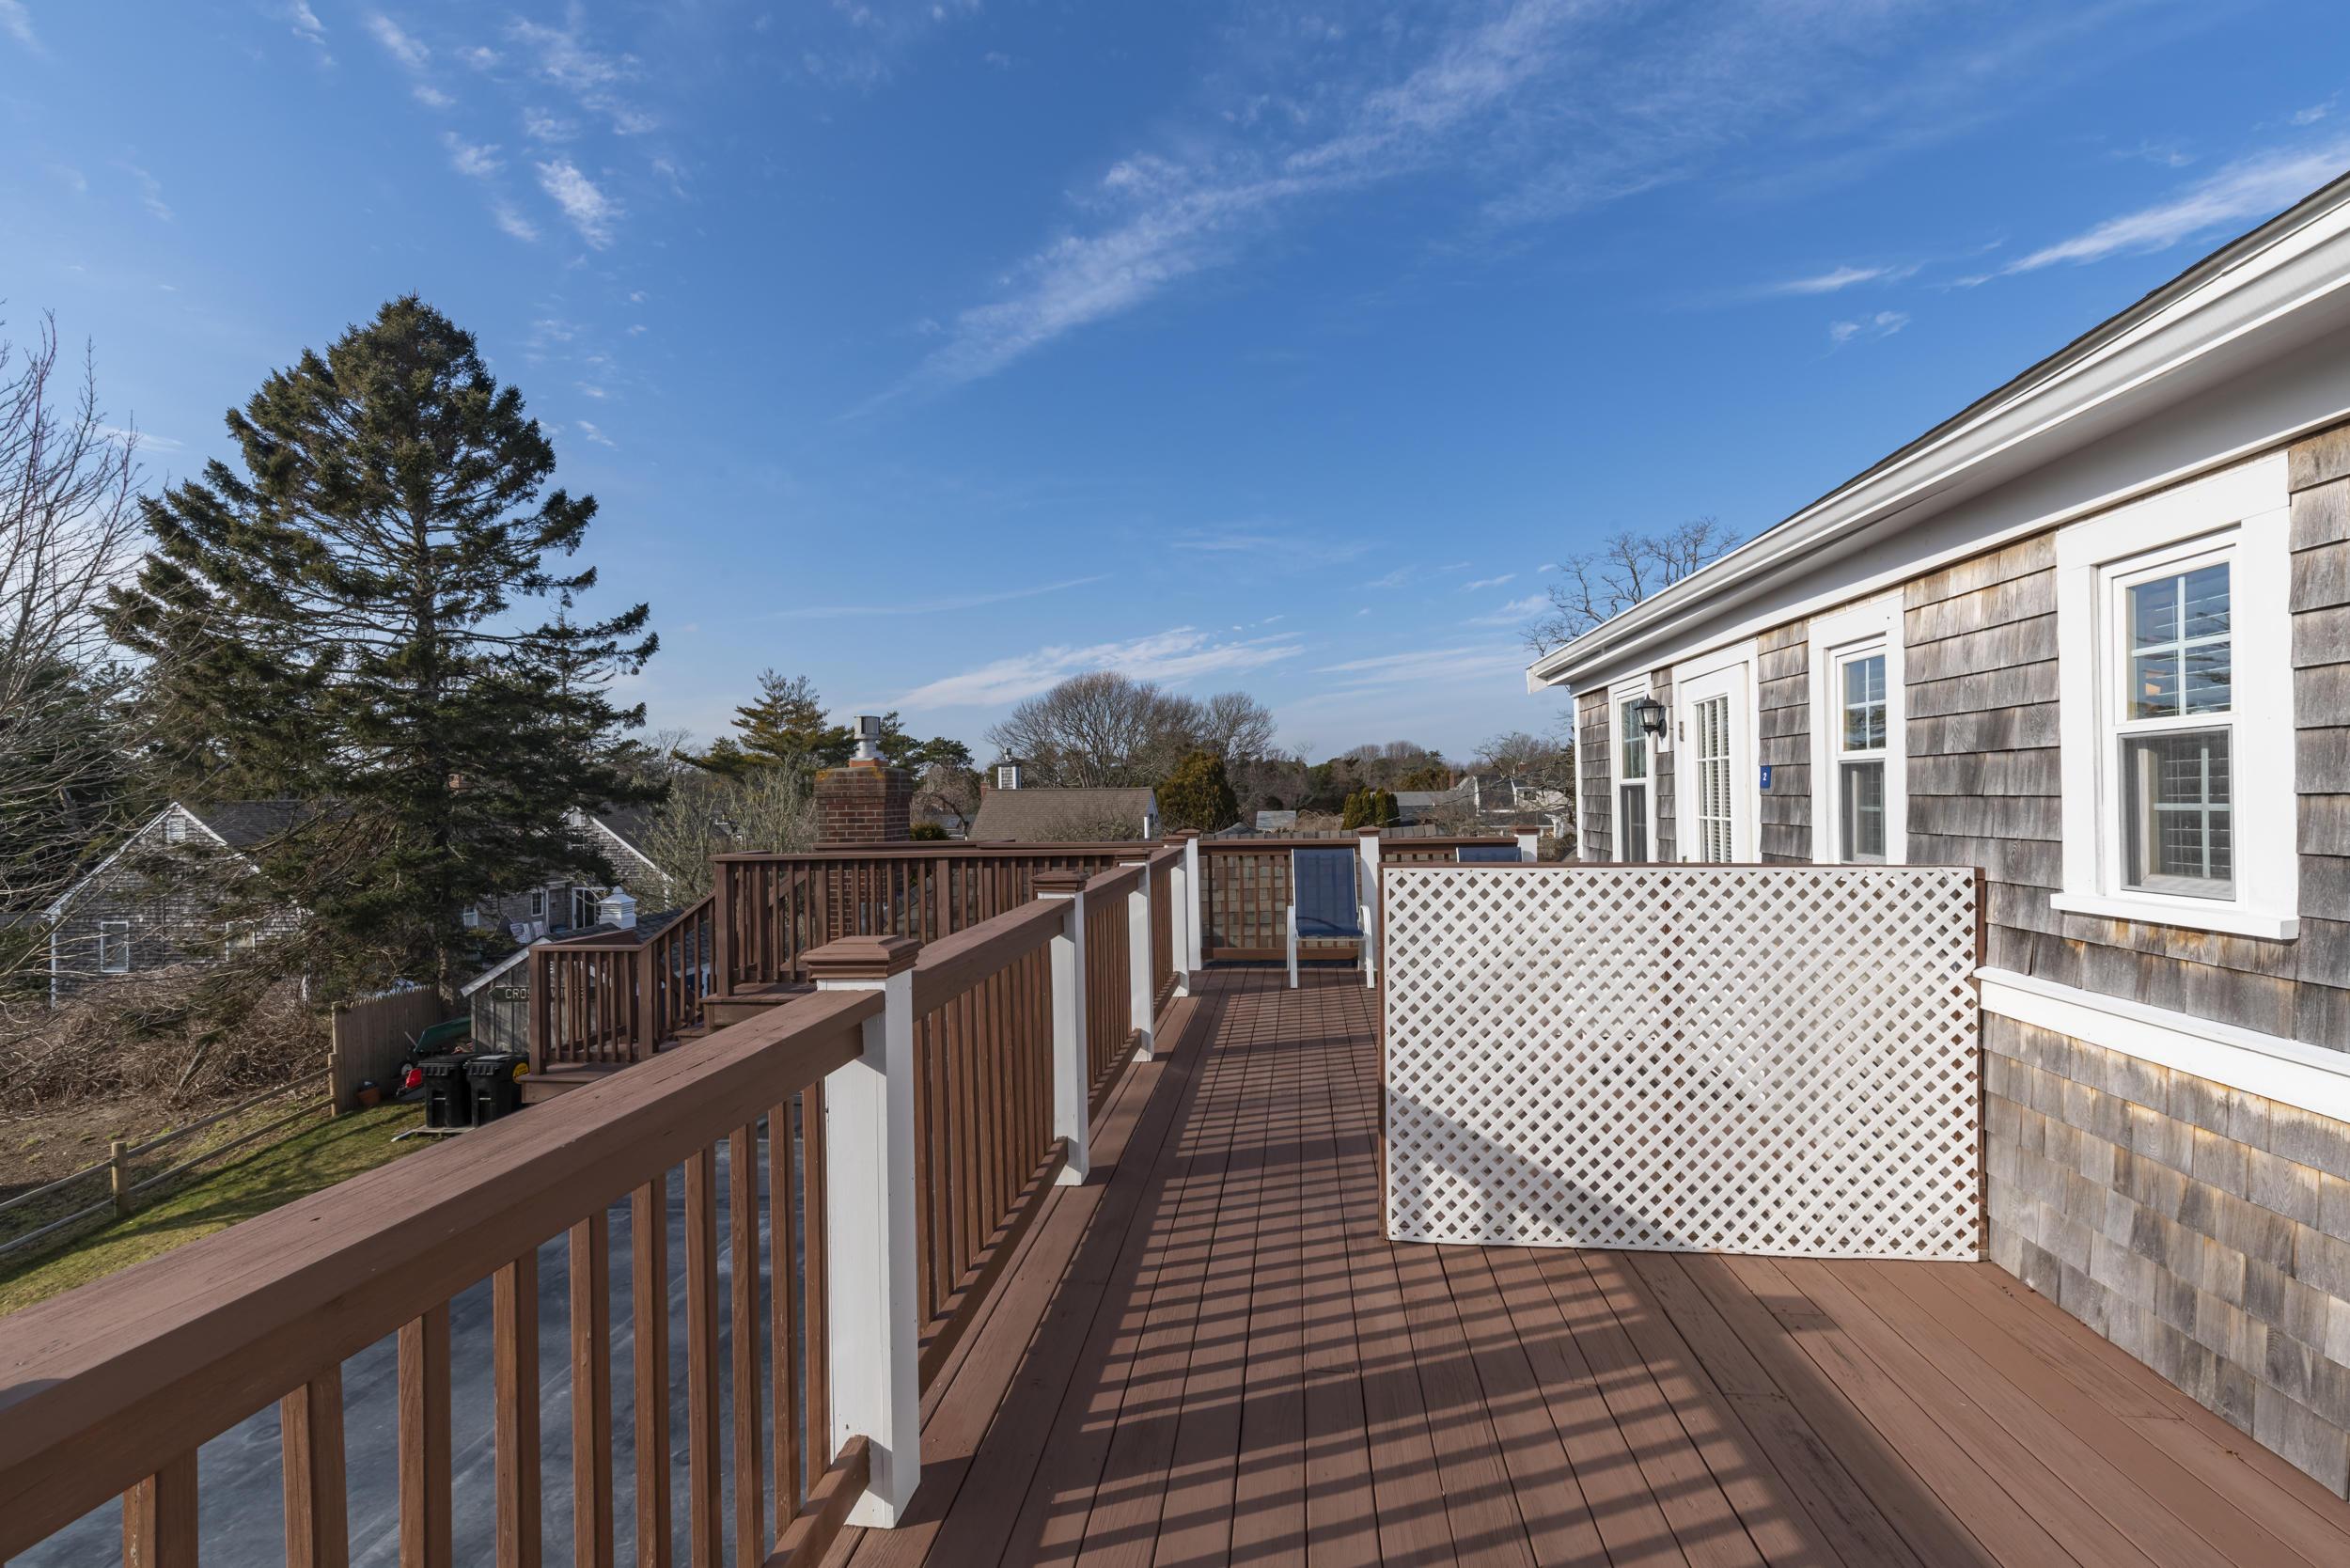 407 Old Harbor Road, Chatham, MA  02633 - slide 40